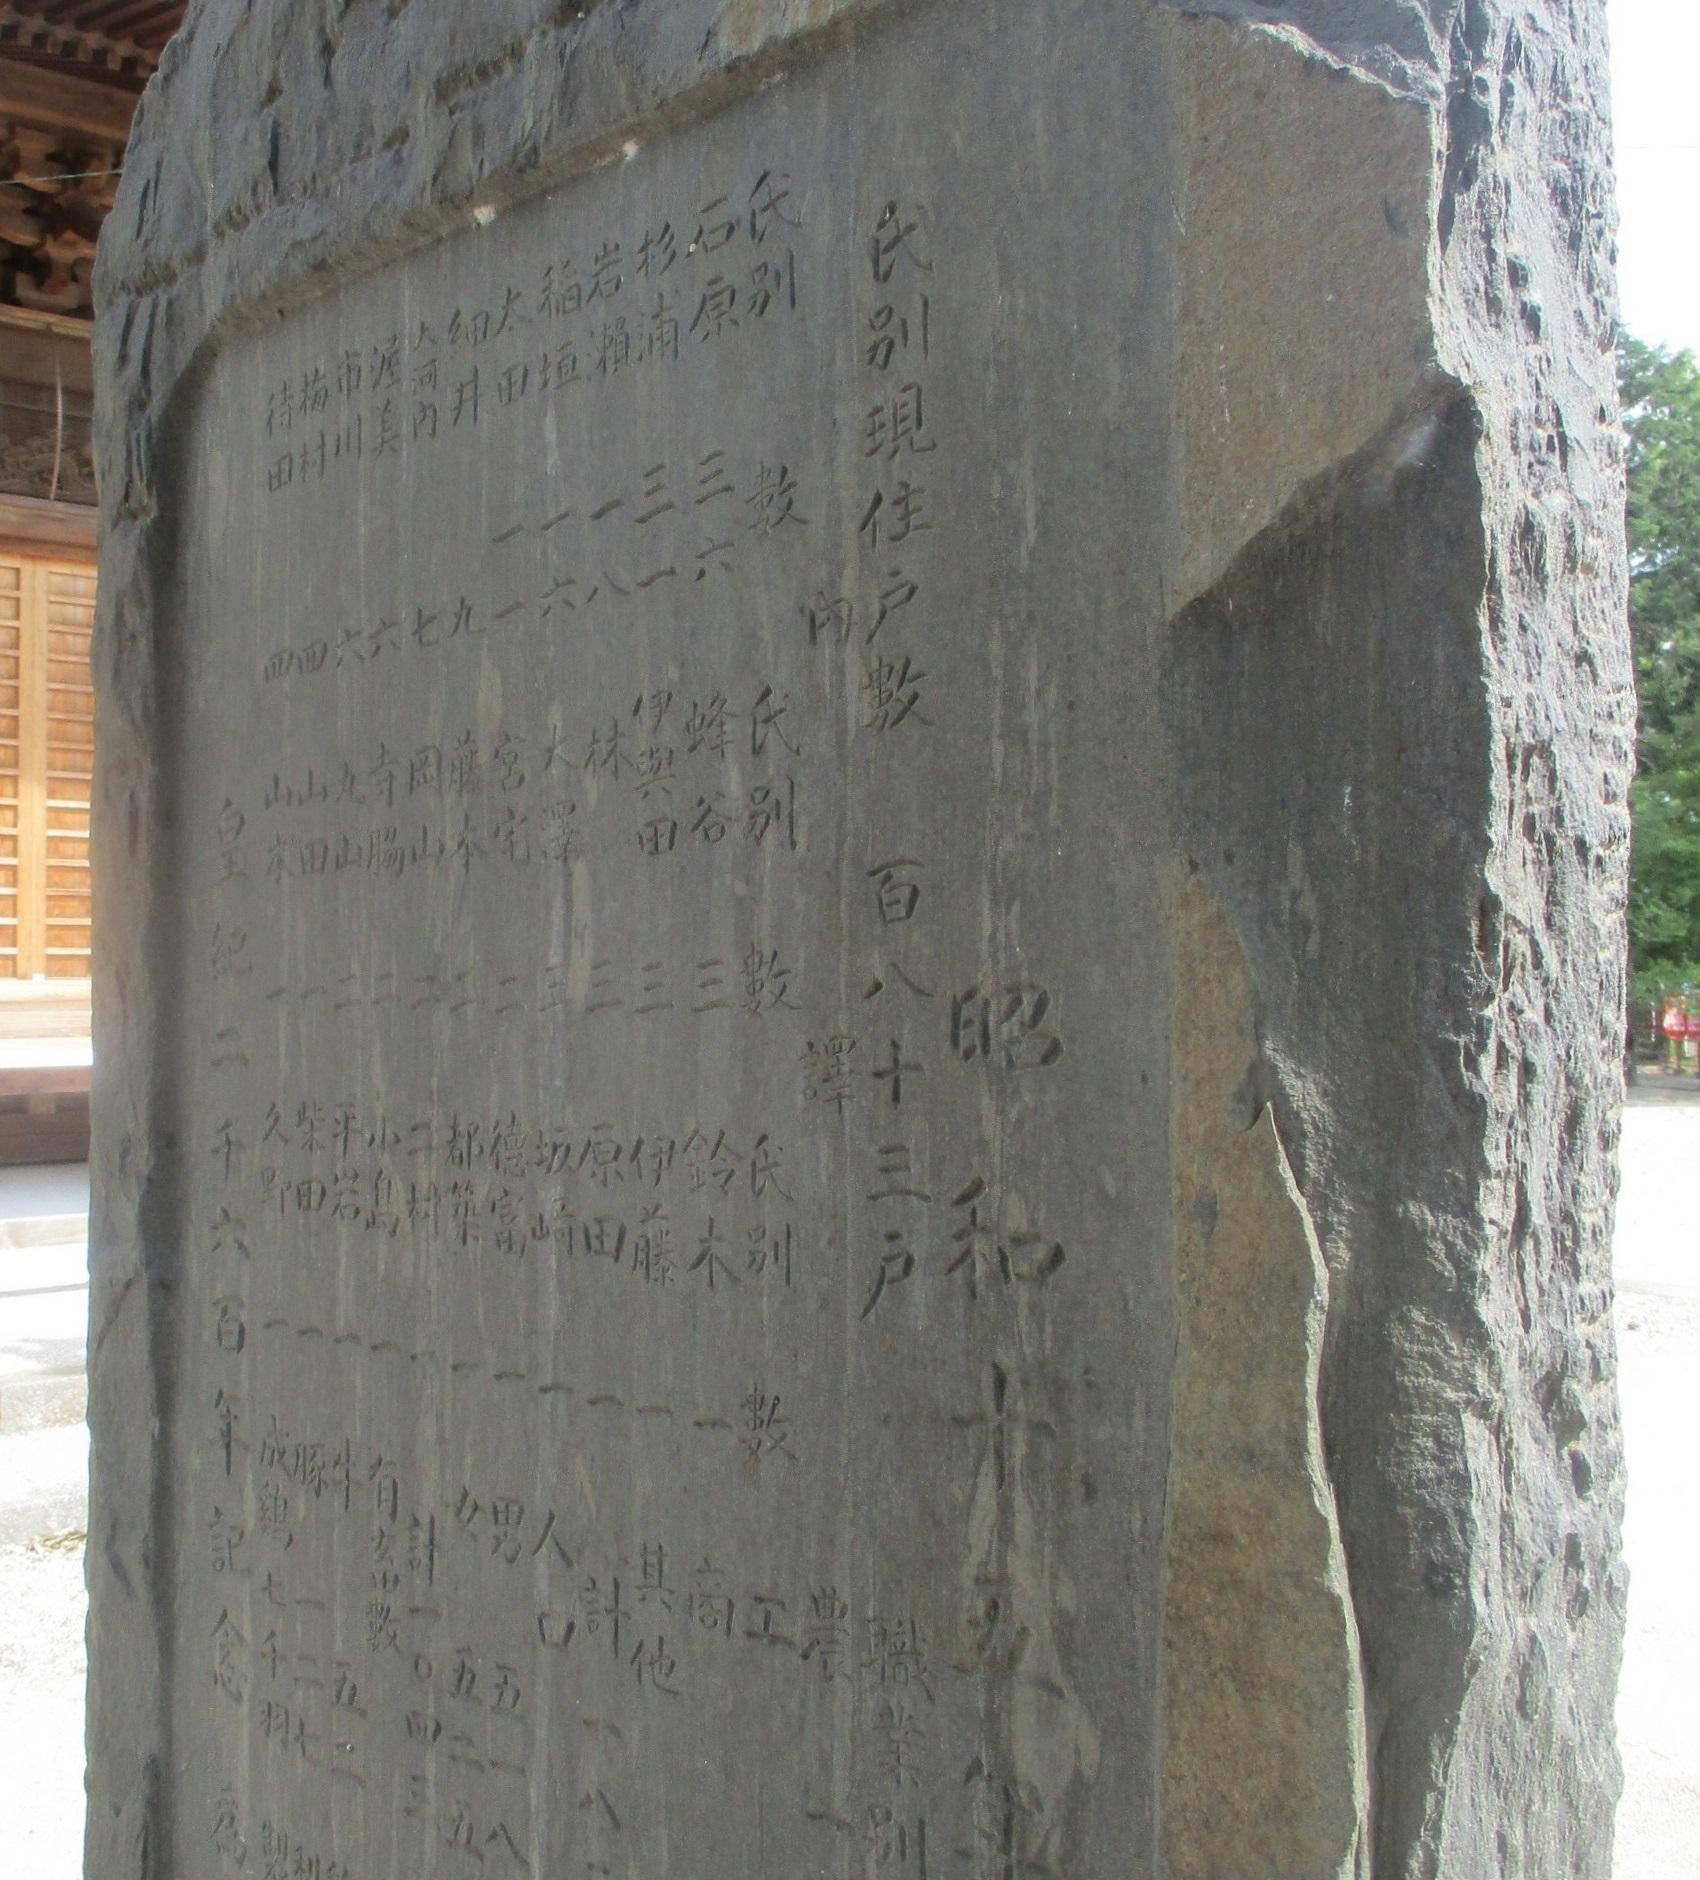 2020.5.22 (16) 悠紀斎田記念のいしぶみ(うらめん) 1700-1880